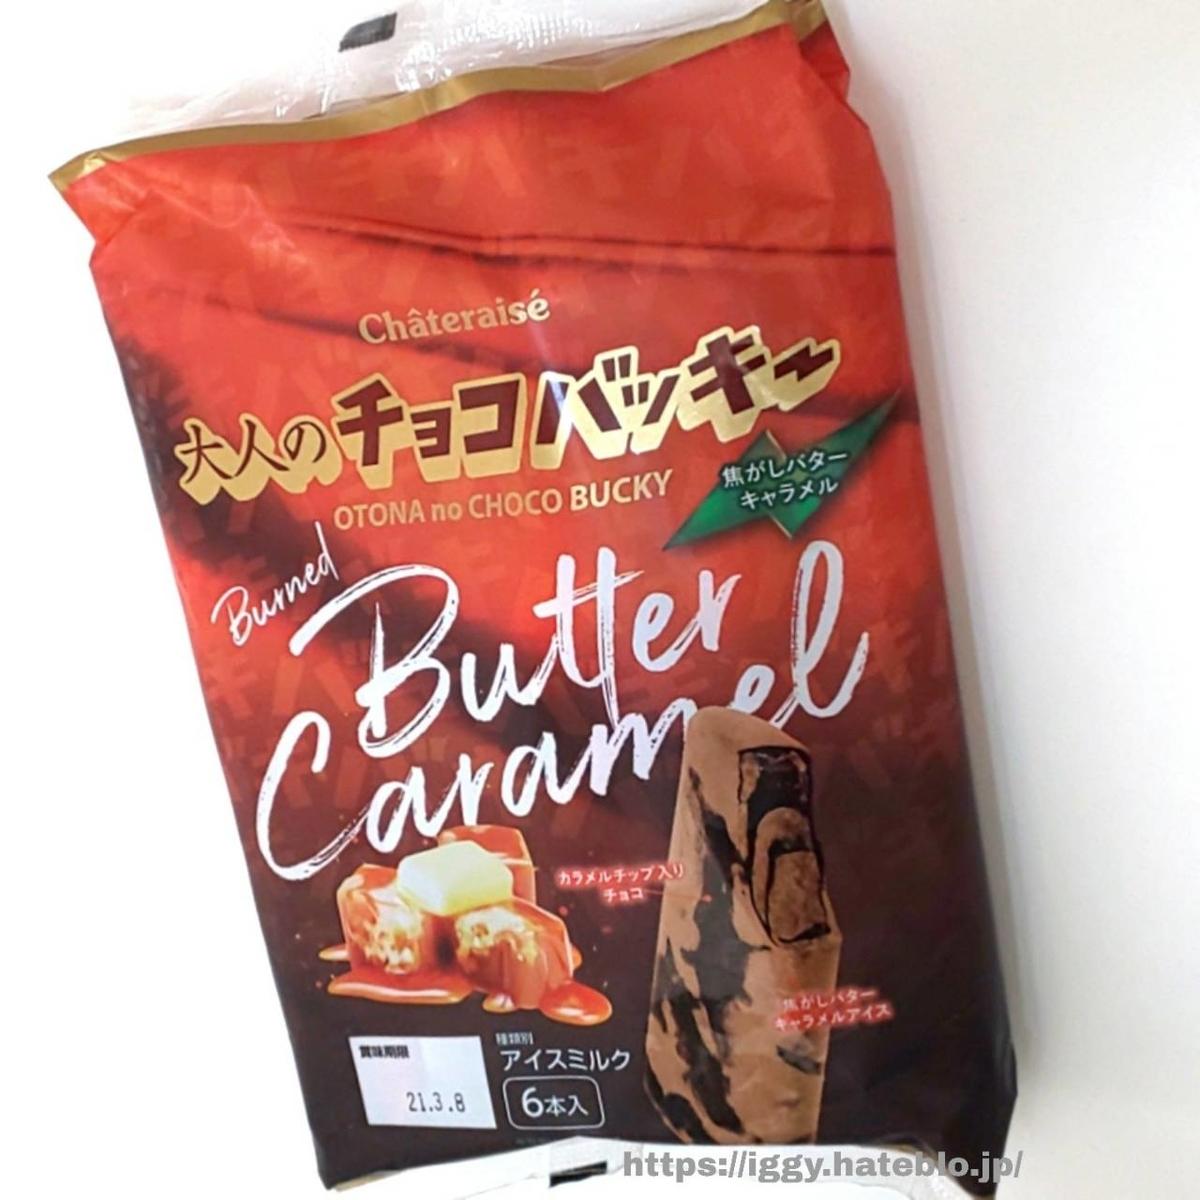 シャトレーゼ 大人のチョコバッキーキャラメル 人気アイス